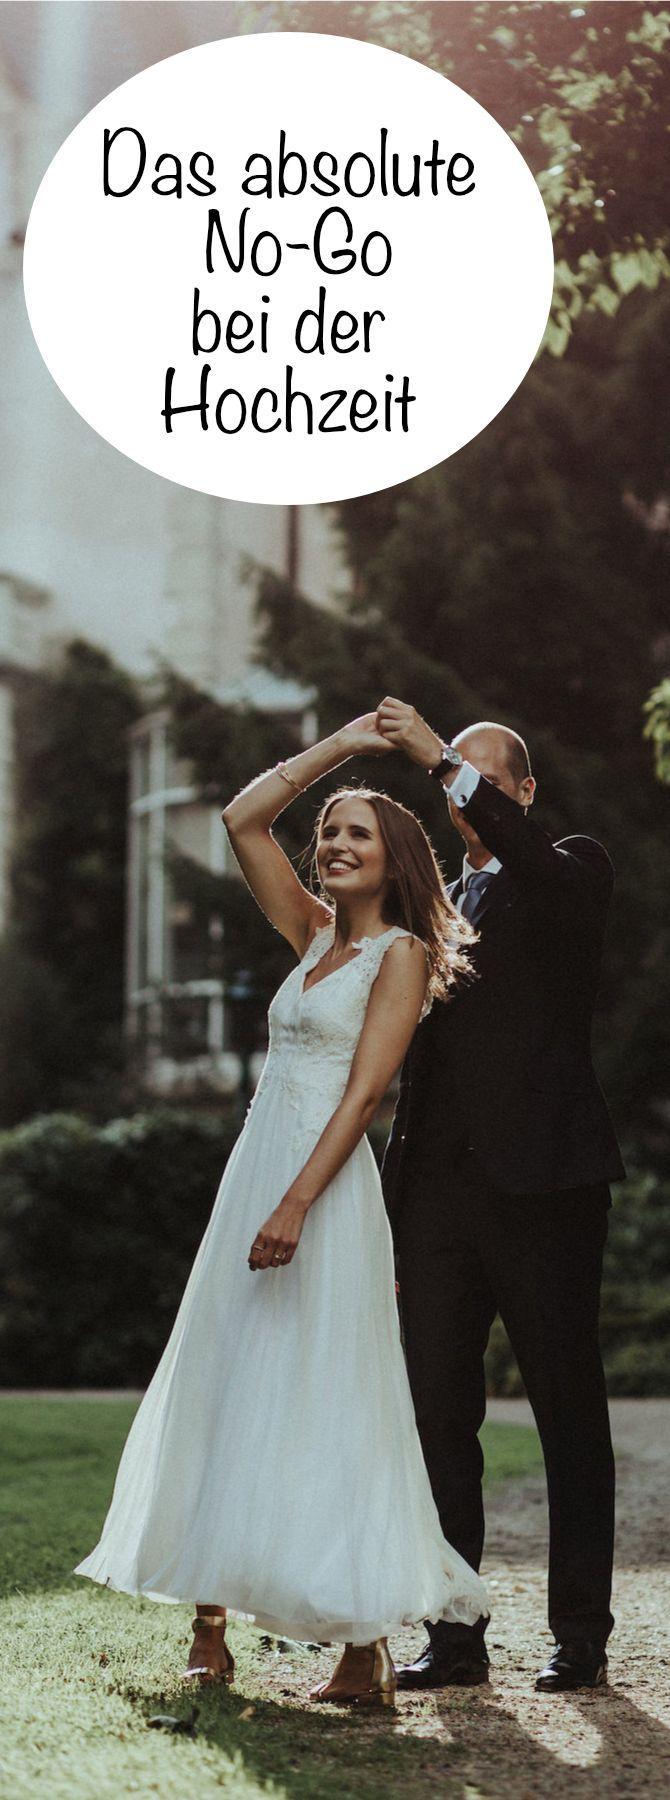 Das absolute Hochzeits-No-Go? Für uns was das einfach das No-Go bei der Planung der Hochzeit!